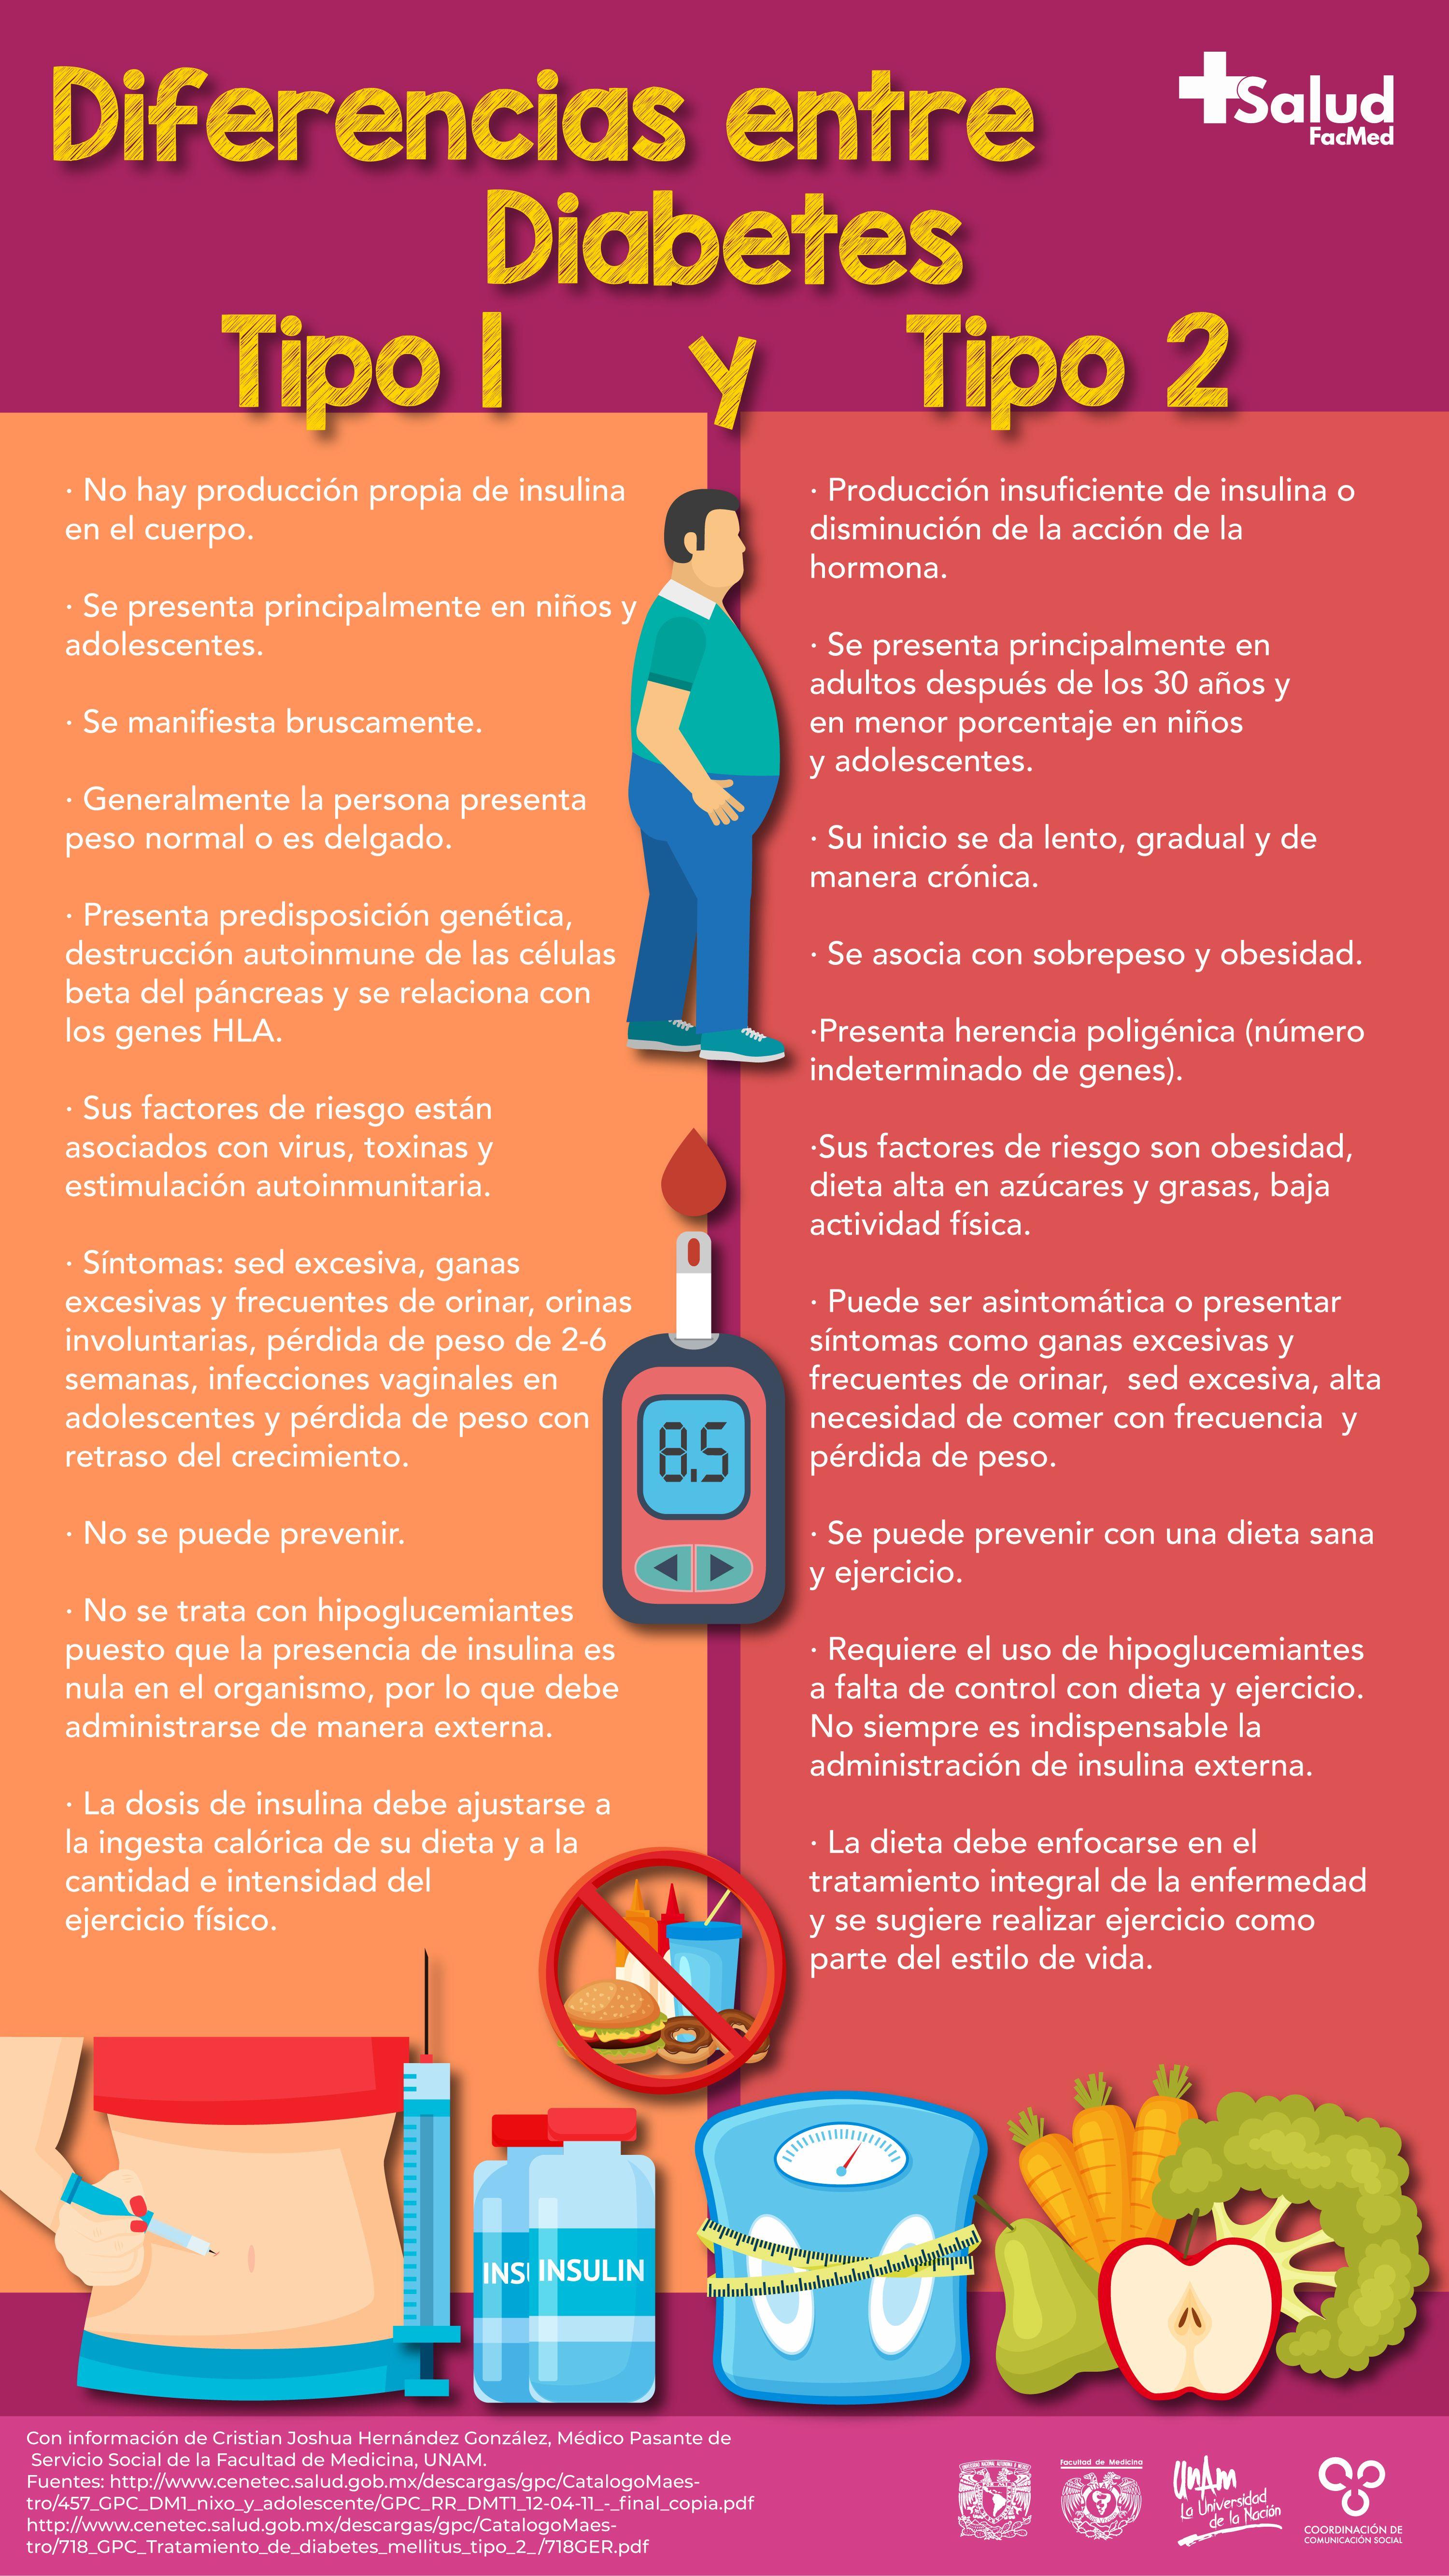 dieta y ejercicio para la diabetes tipo 1